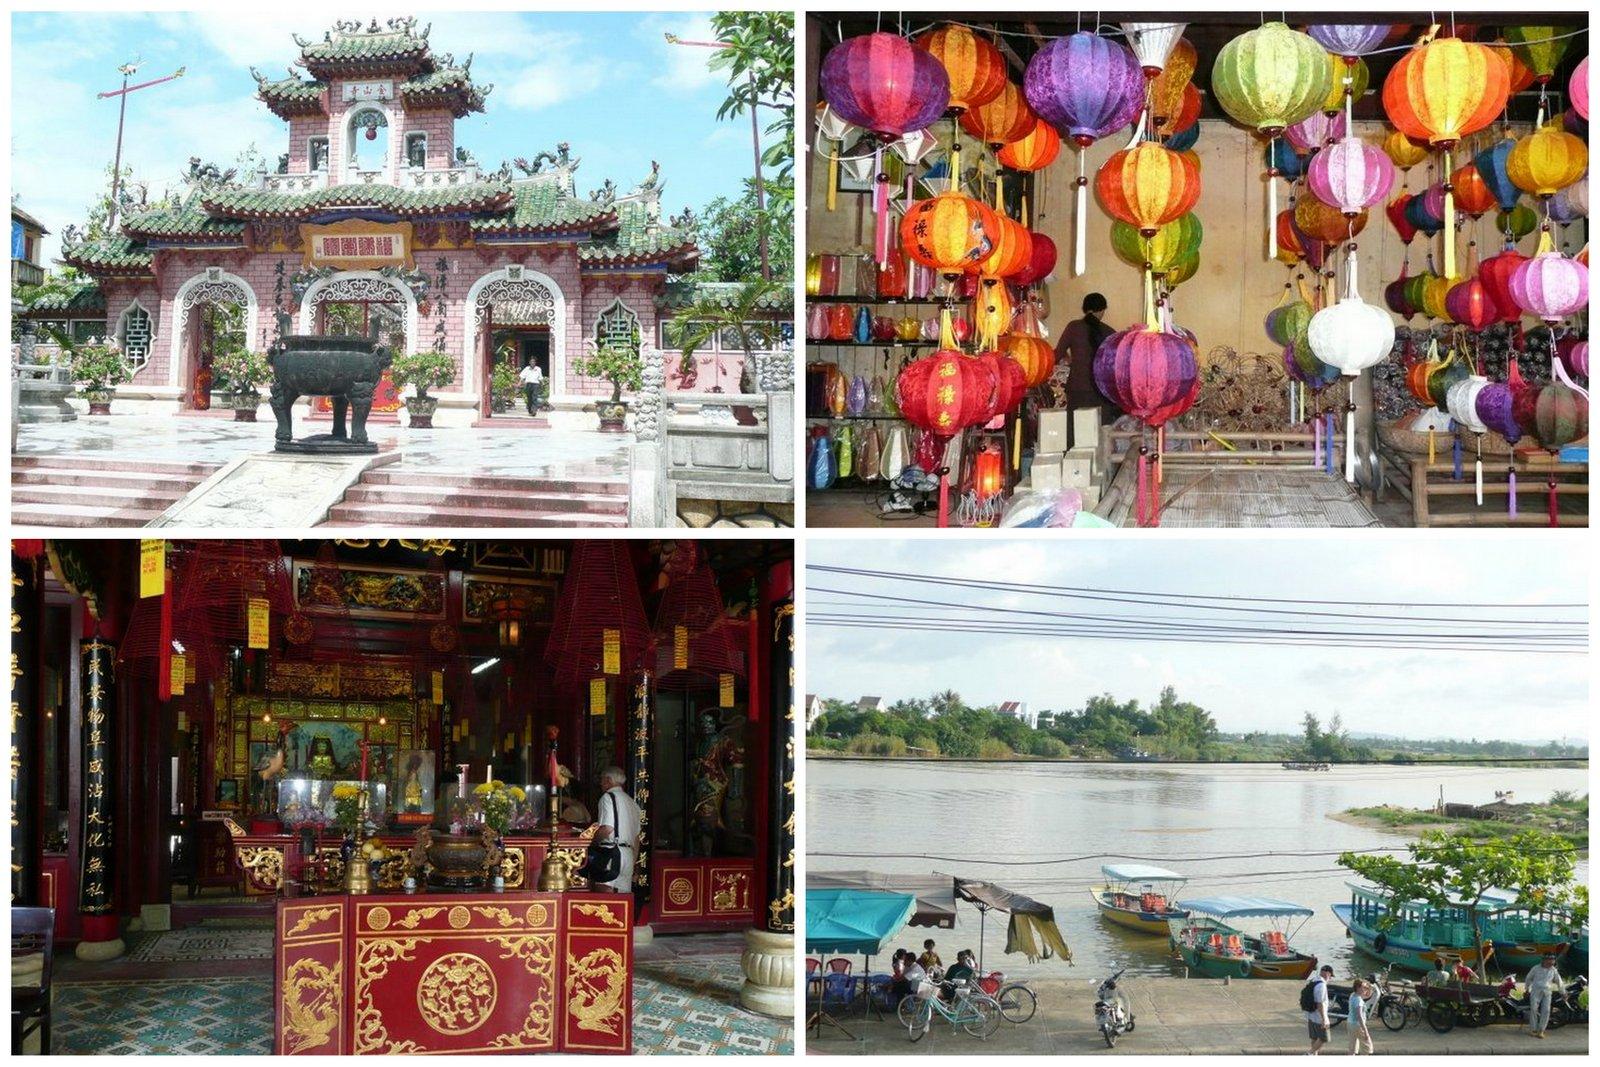 Hoi An Old Town (fotos de viajes y Películas)